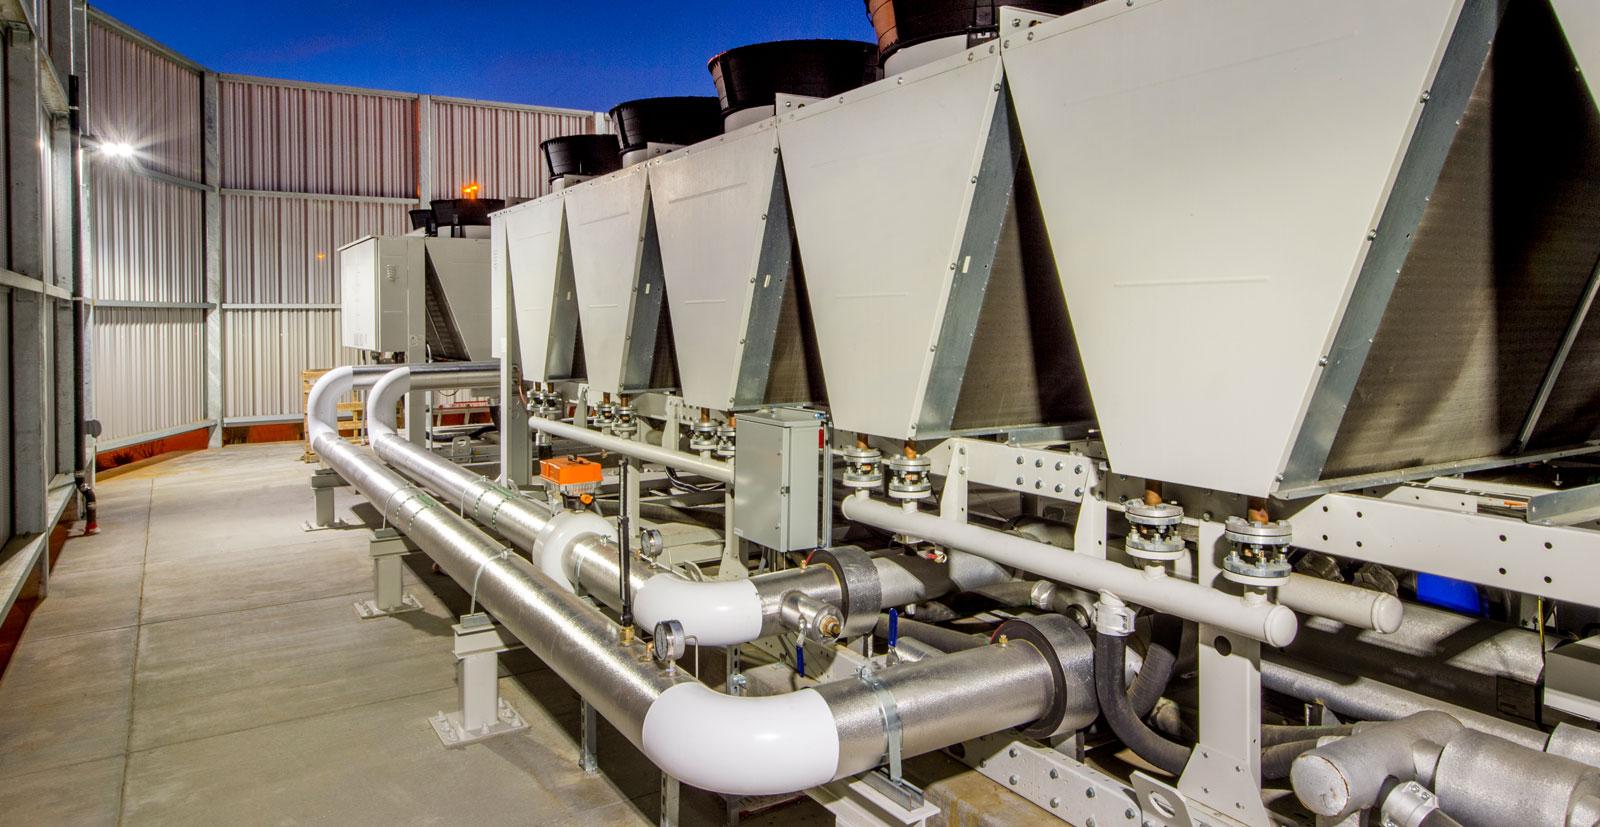 RefPower effettua service sui compressori di grandi impianti di centri commerciali, hotel e aeroporti.